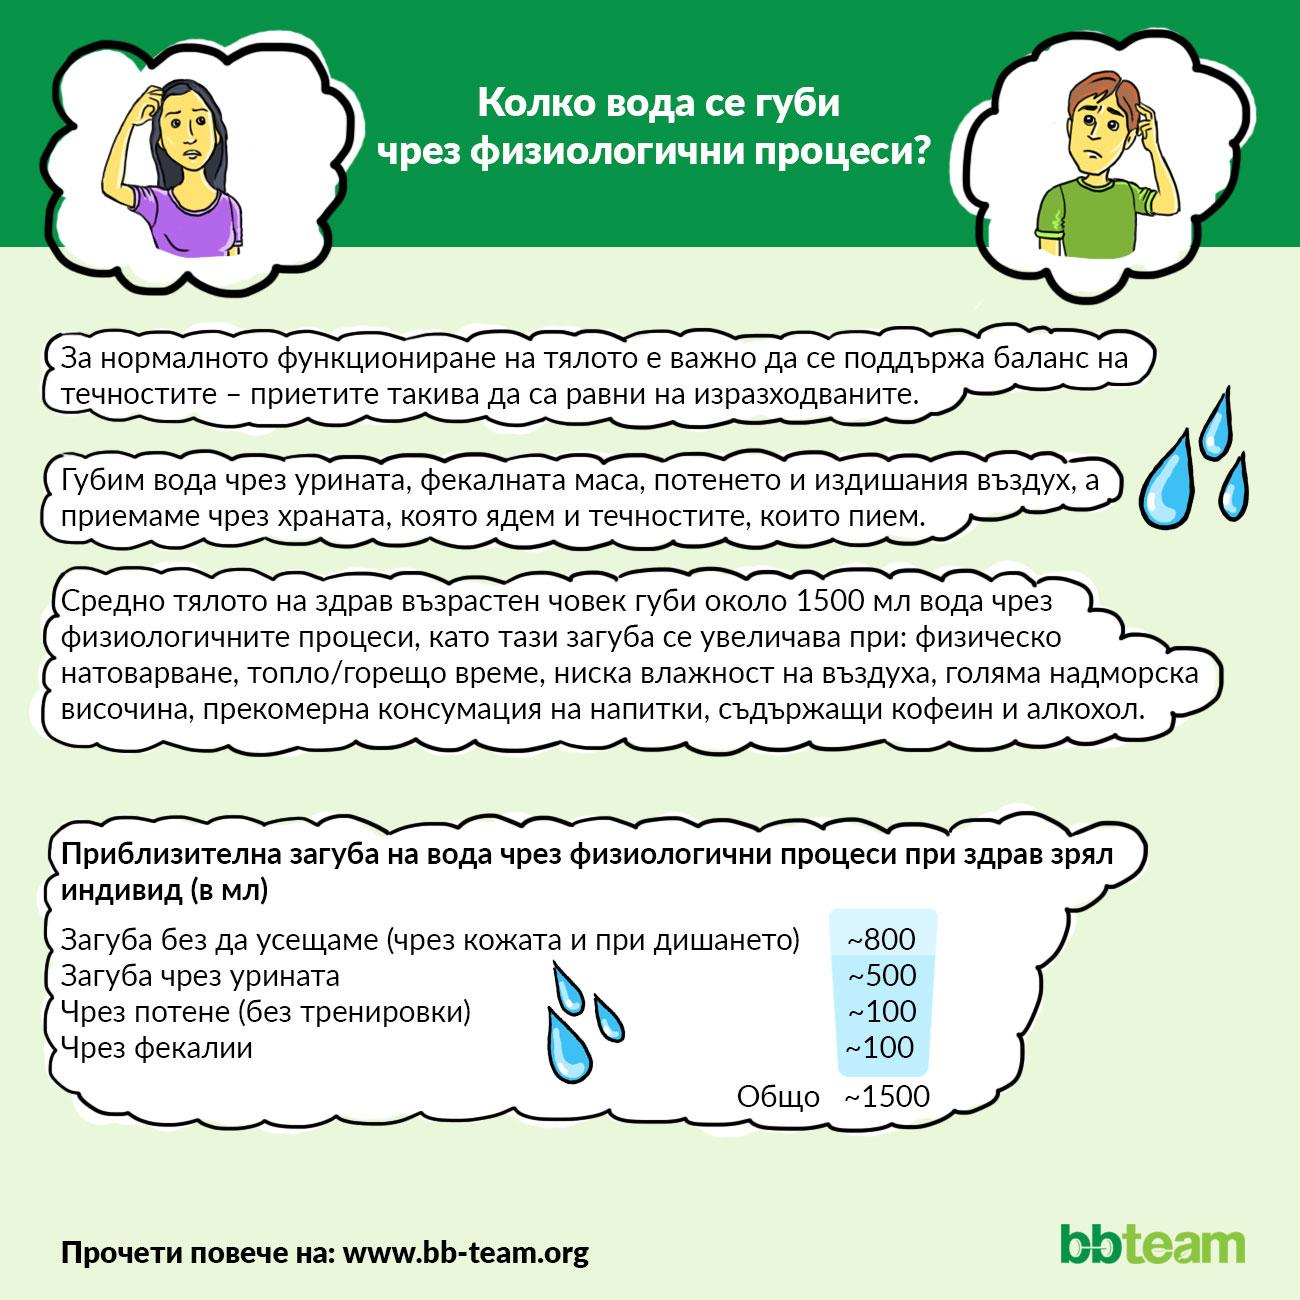 Колко вода се губи чрез физиологични процеси? [инфографика]